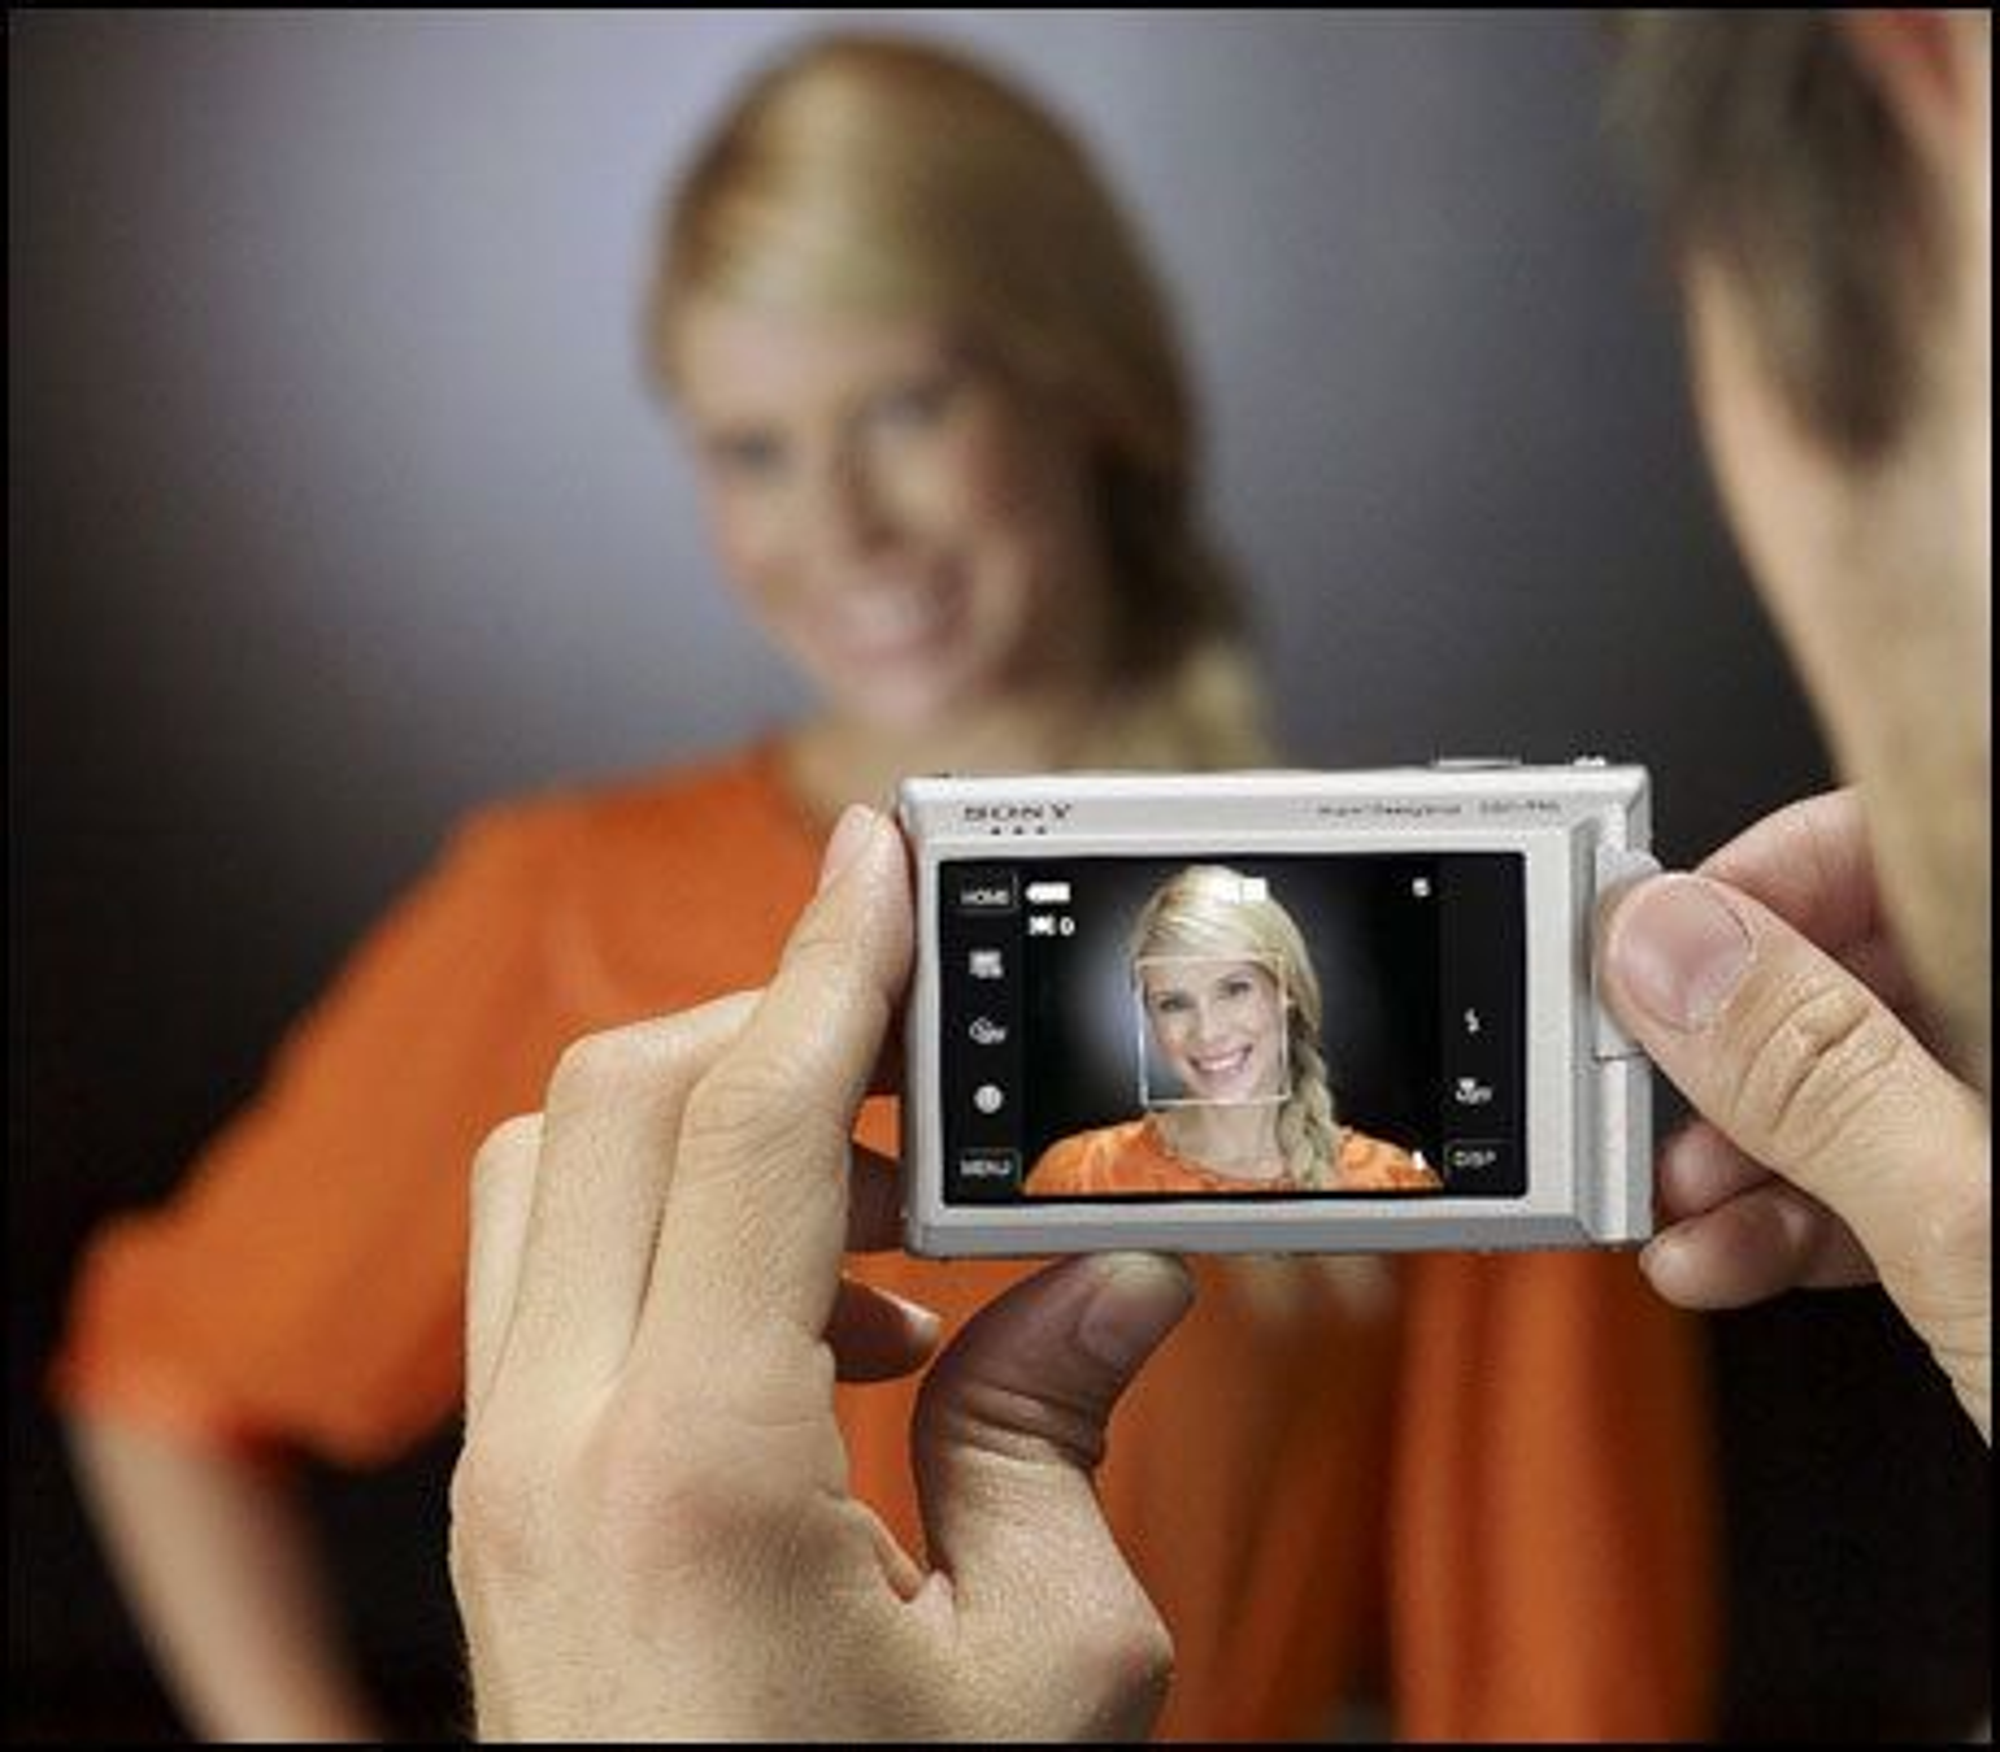 Sonys nye kameraer T200 og T70 tar bilder når du smiler.